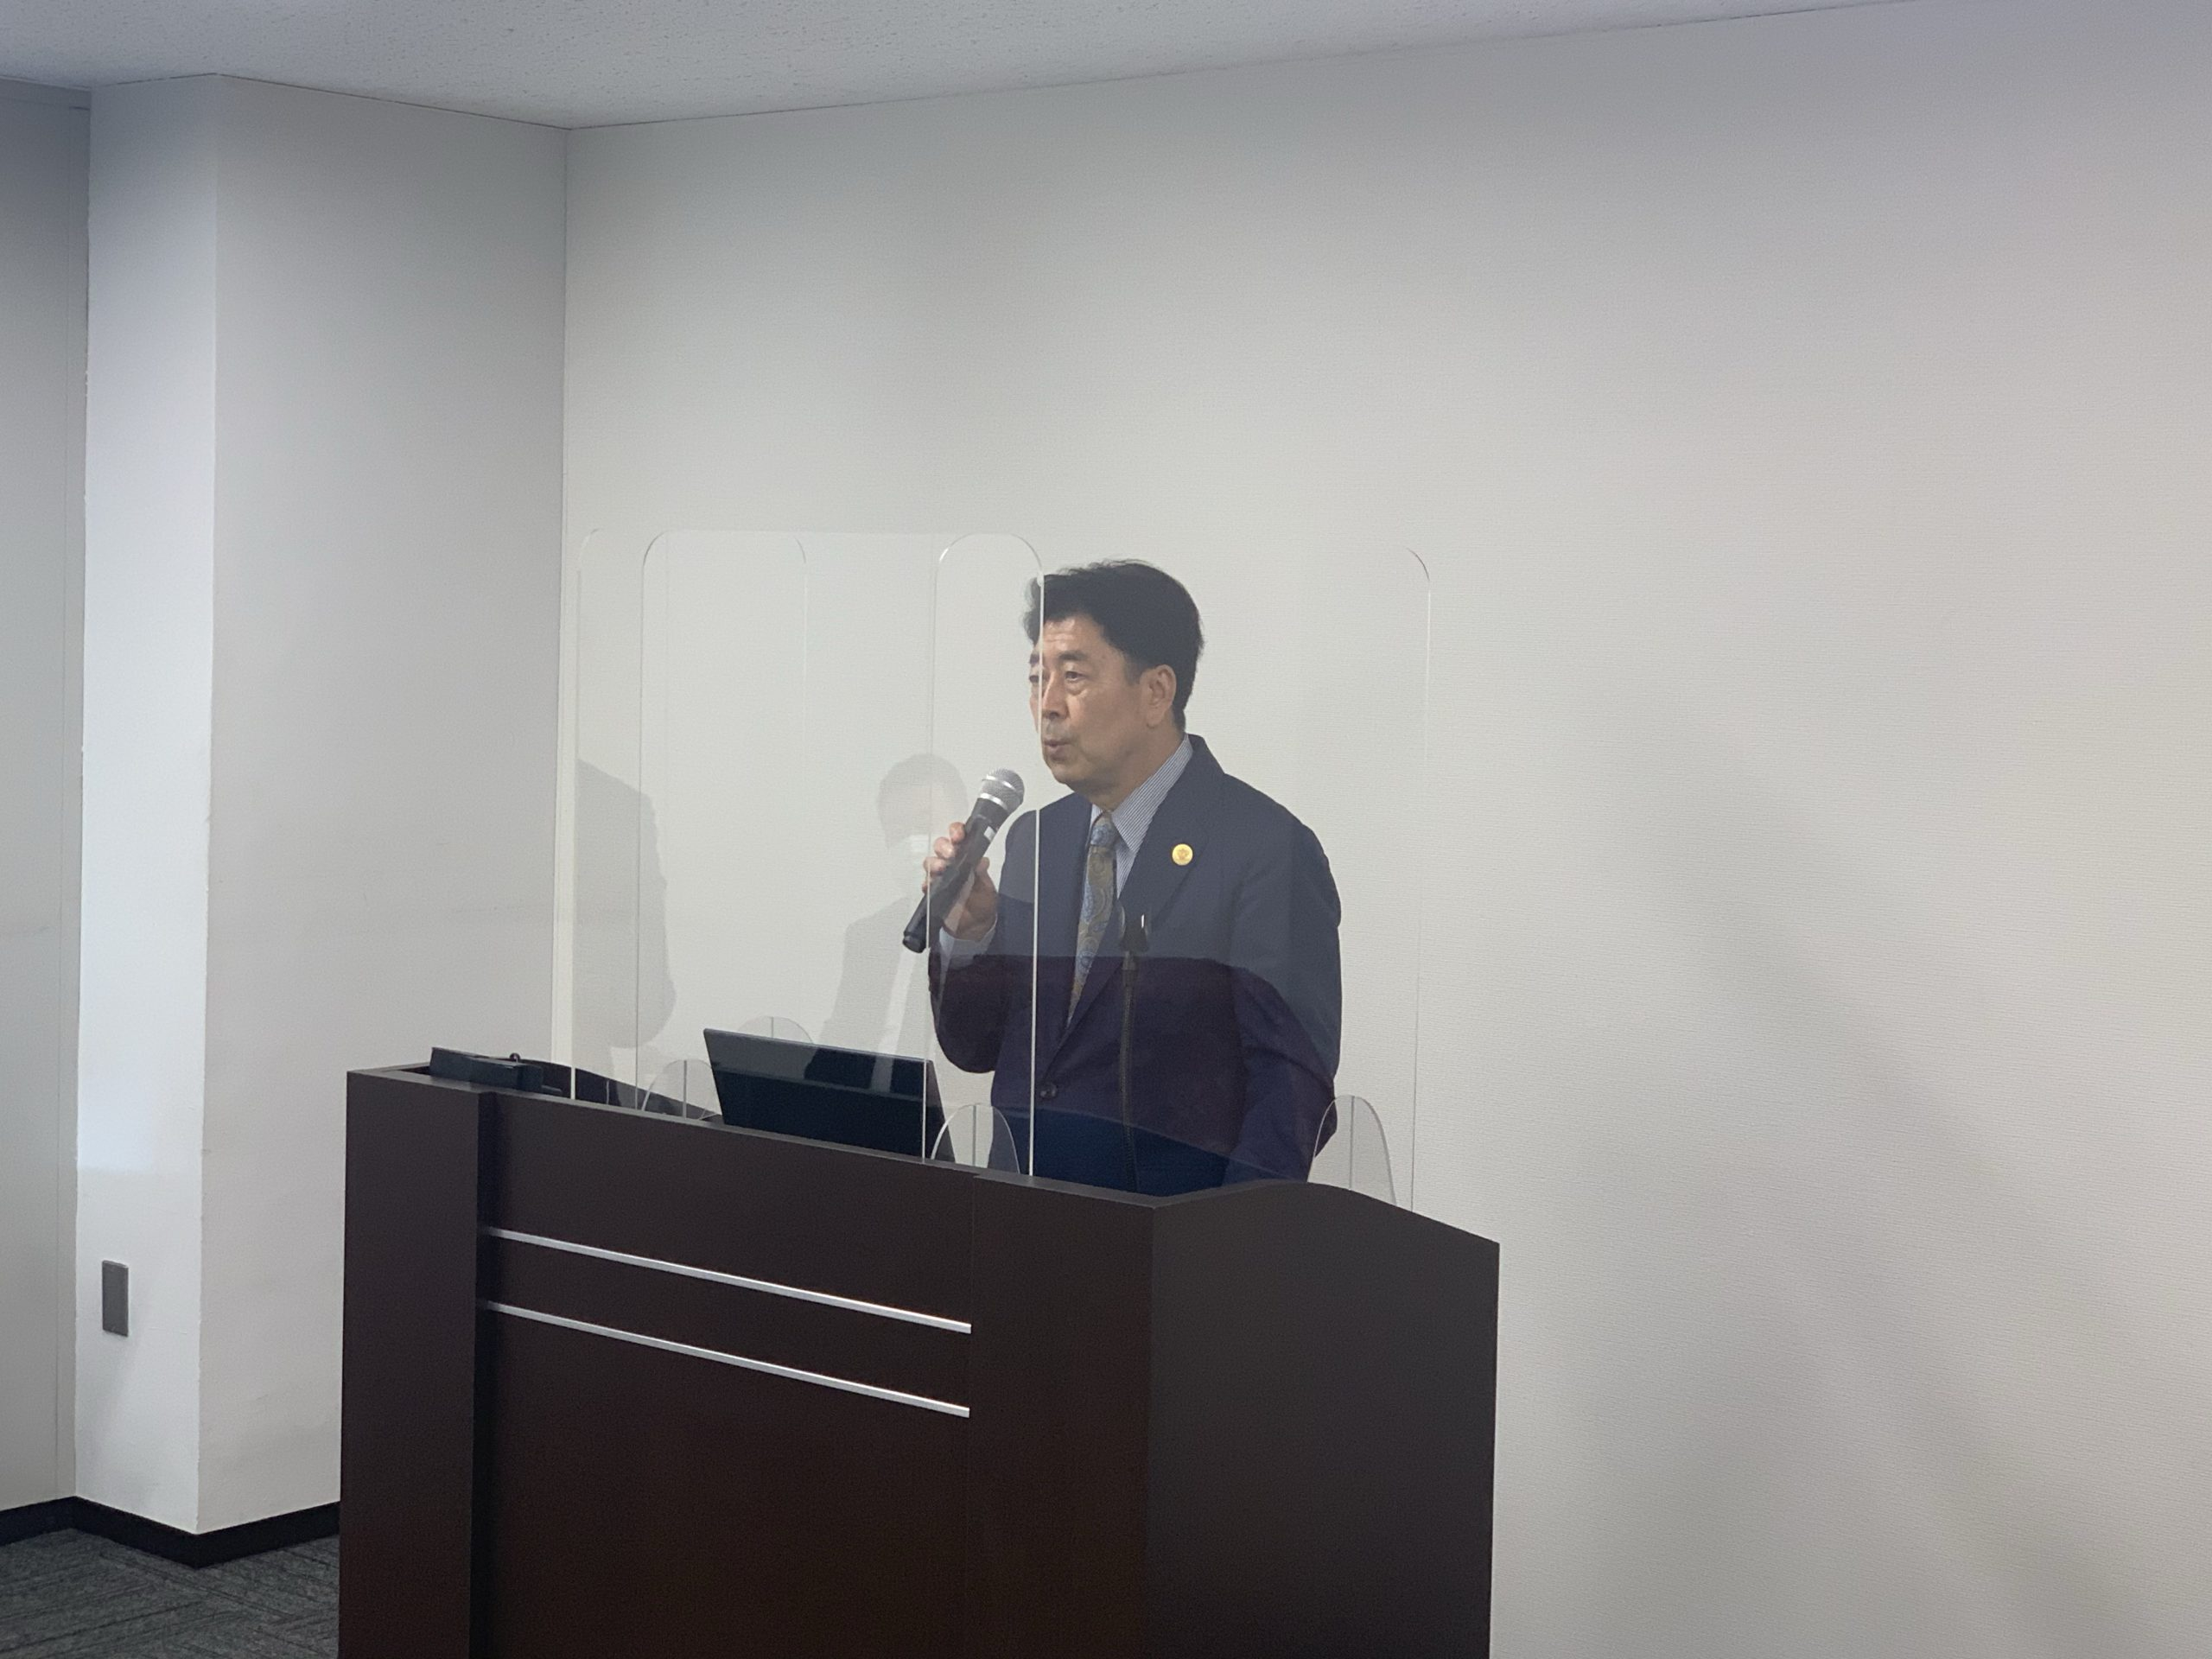 エコール・ドゥ・アンファン理事長 安田 講演の様子